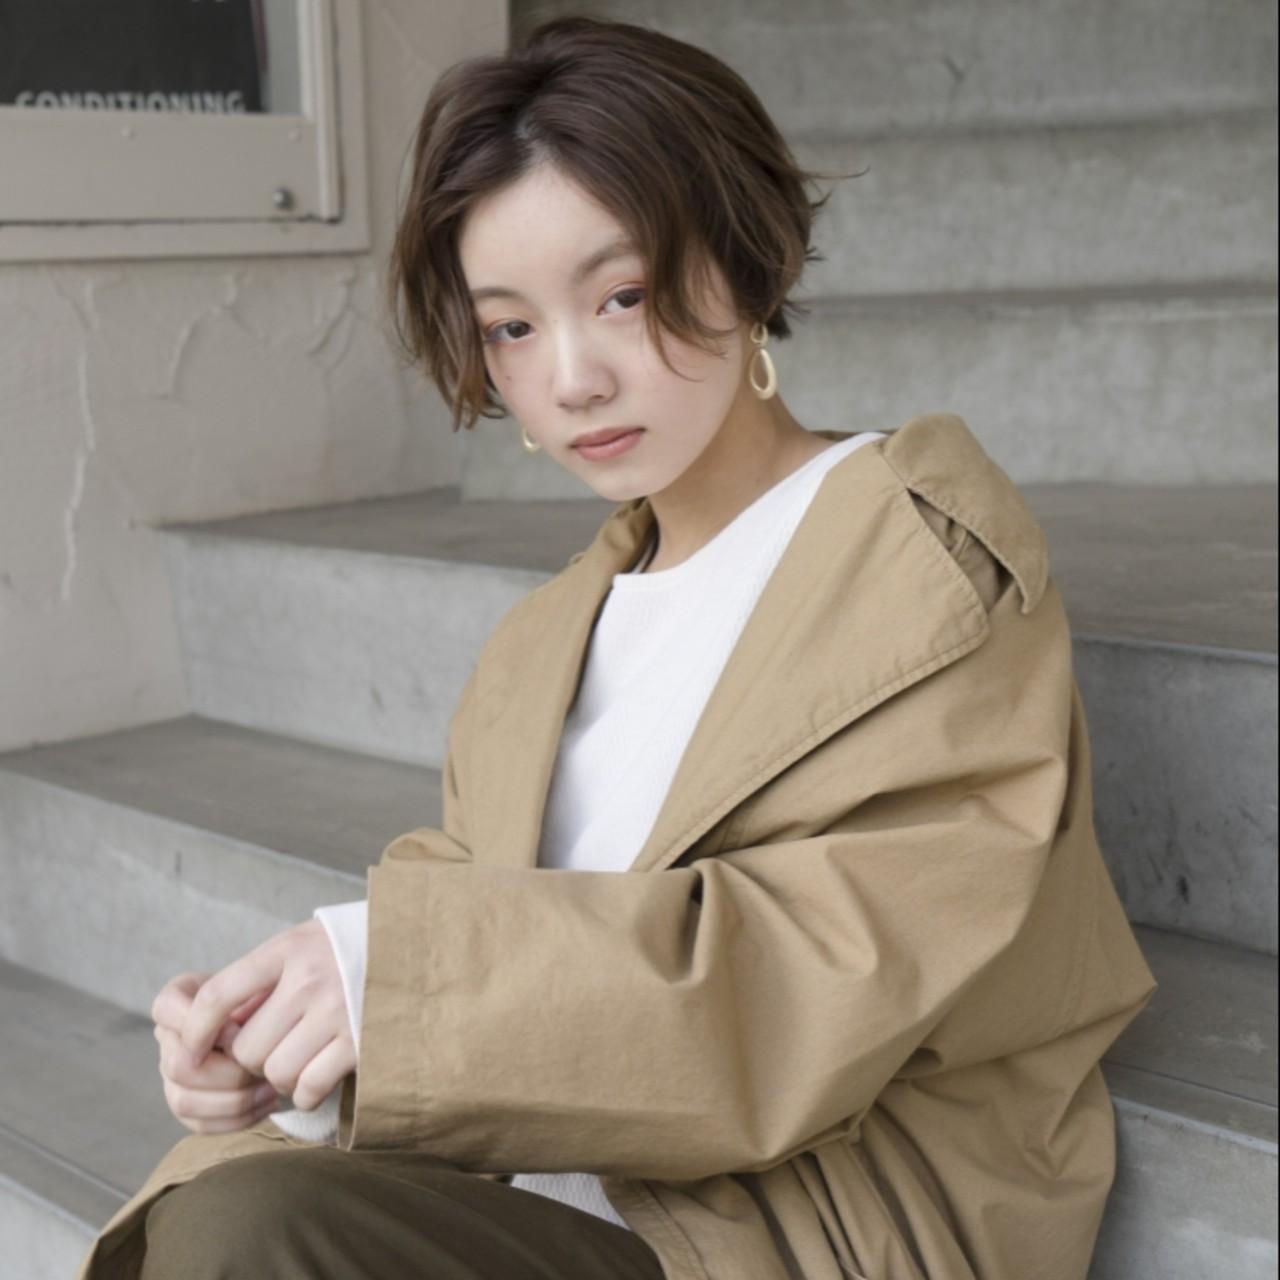 アンニュイ 透明感 ショート ラフ ヘアスタイルや髪型の写真・画像   タカハシ アヤミ / trail by ROVER